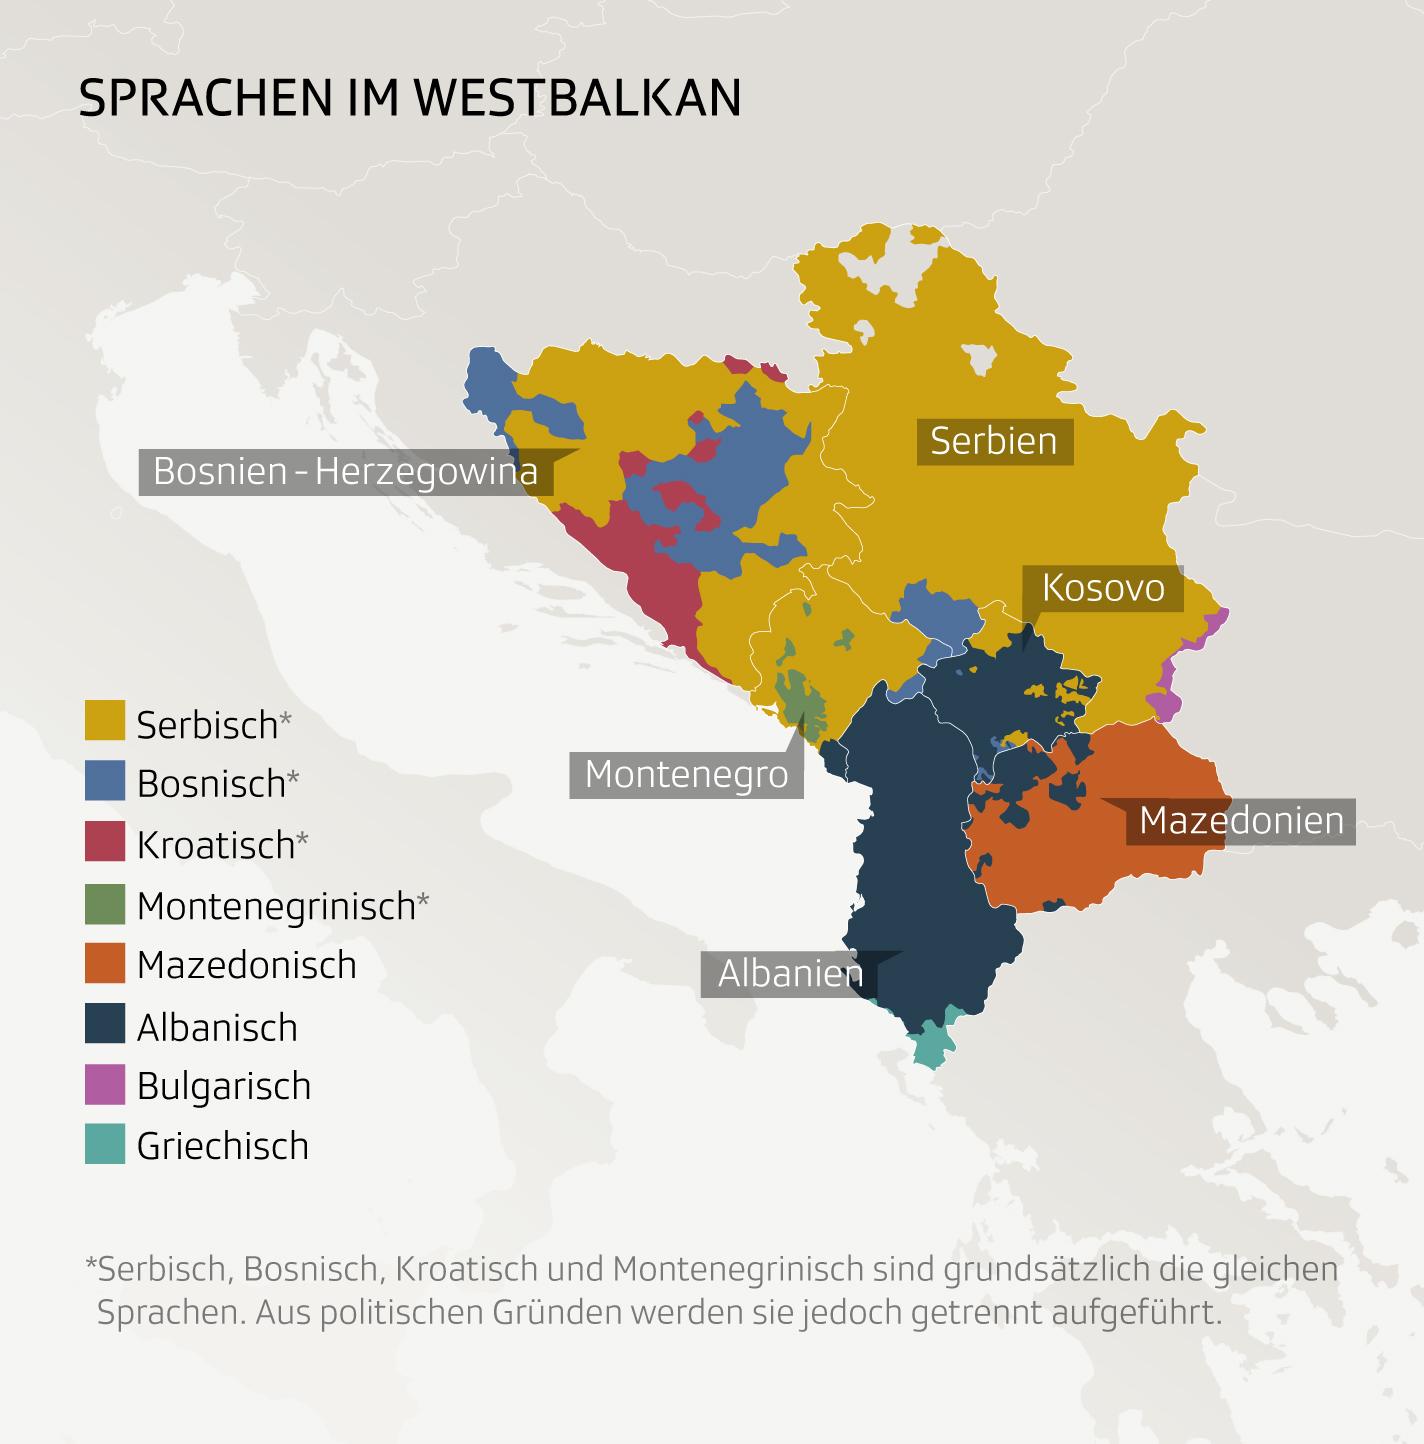 Sprachen im Westbalkan